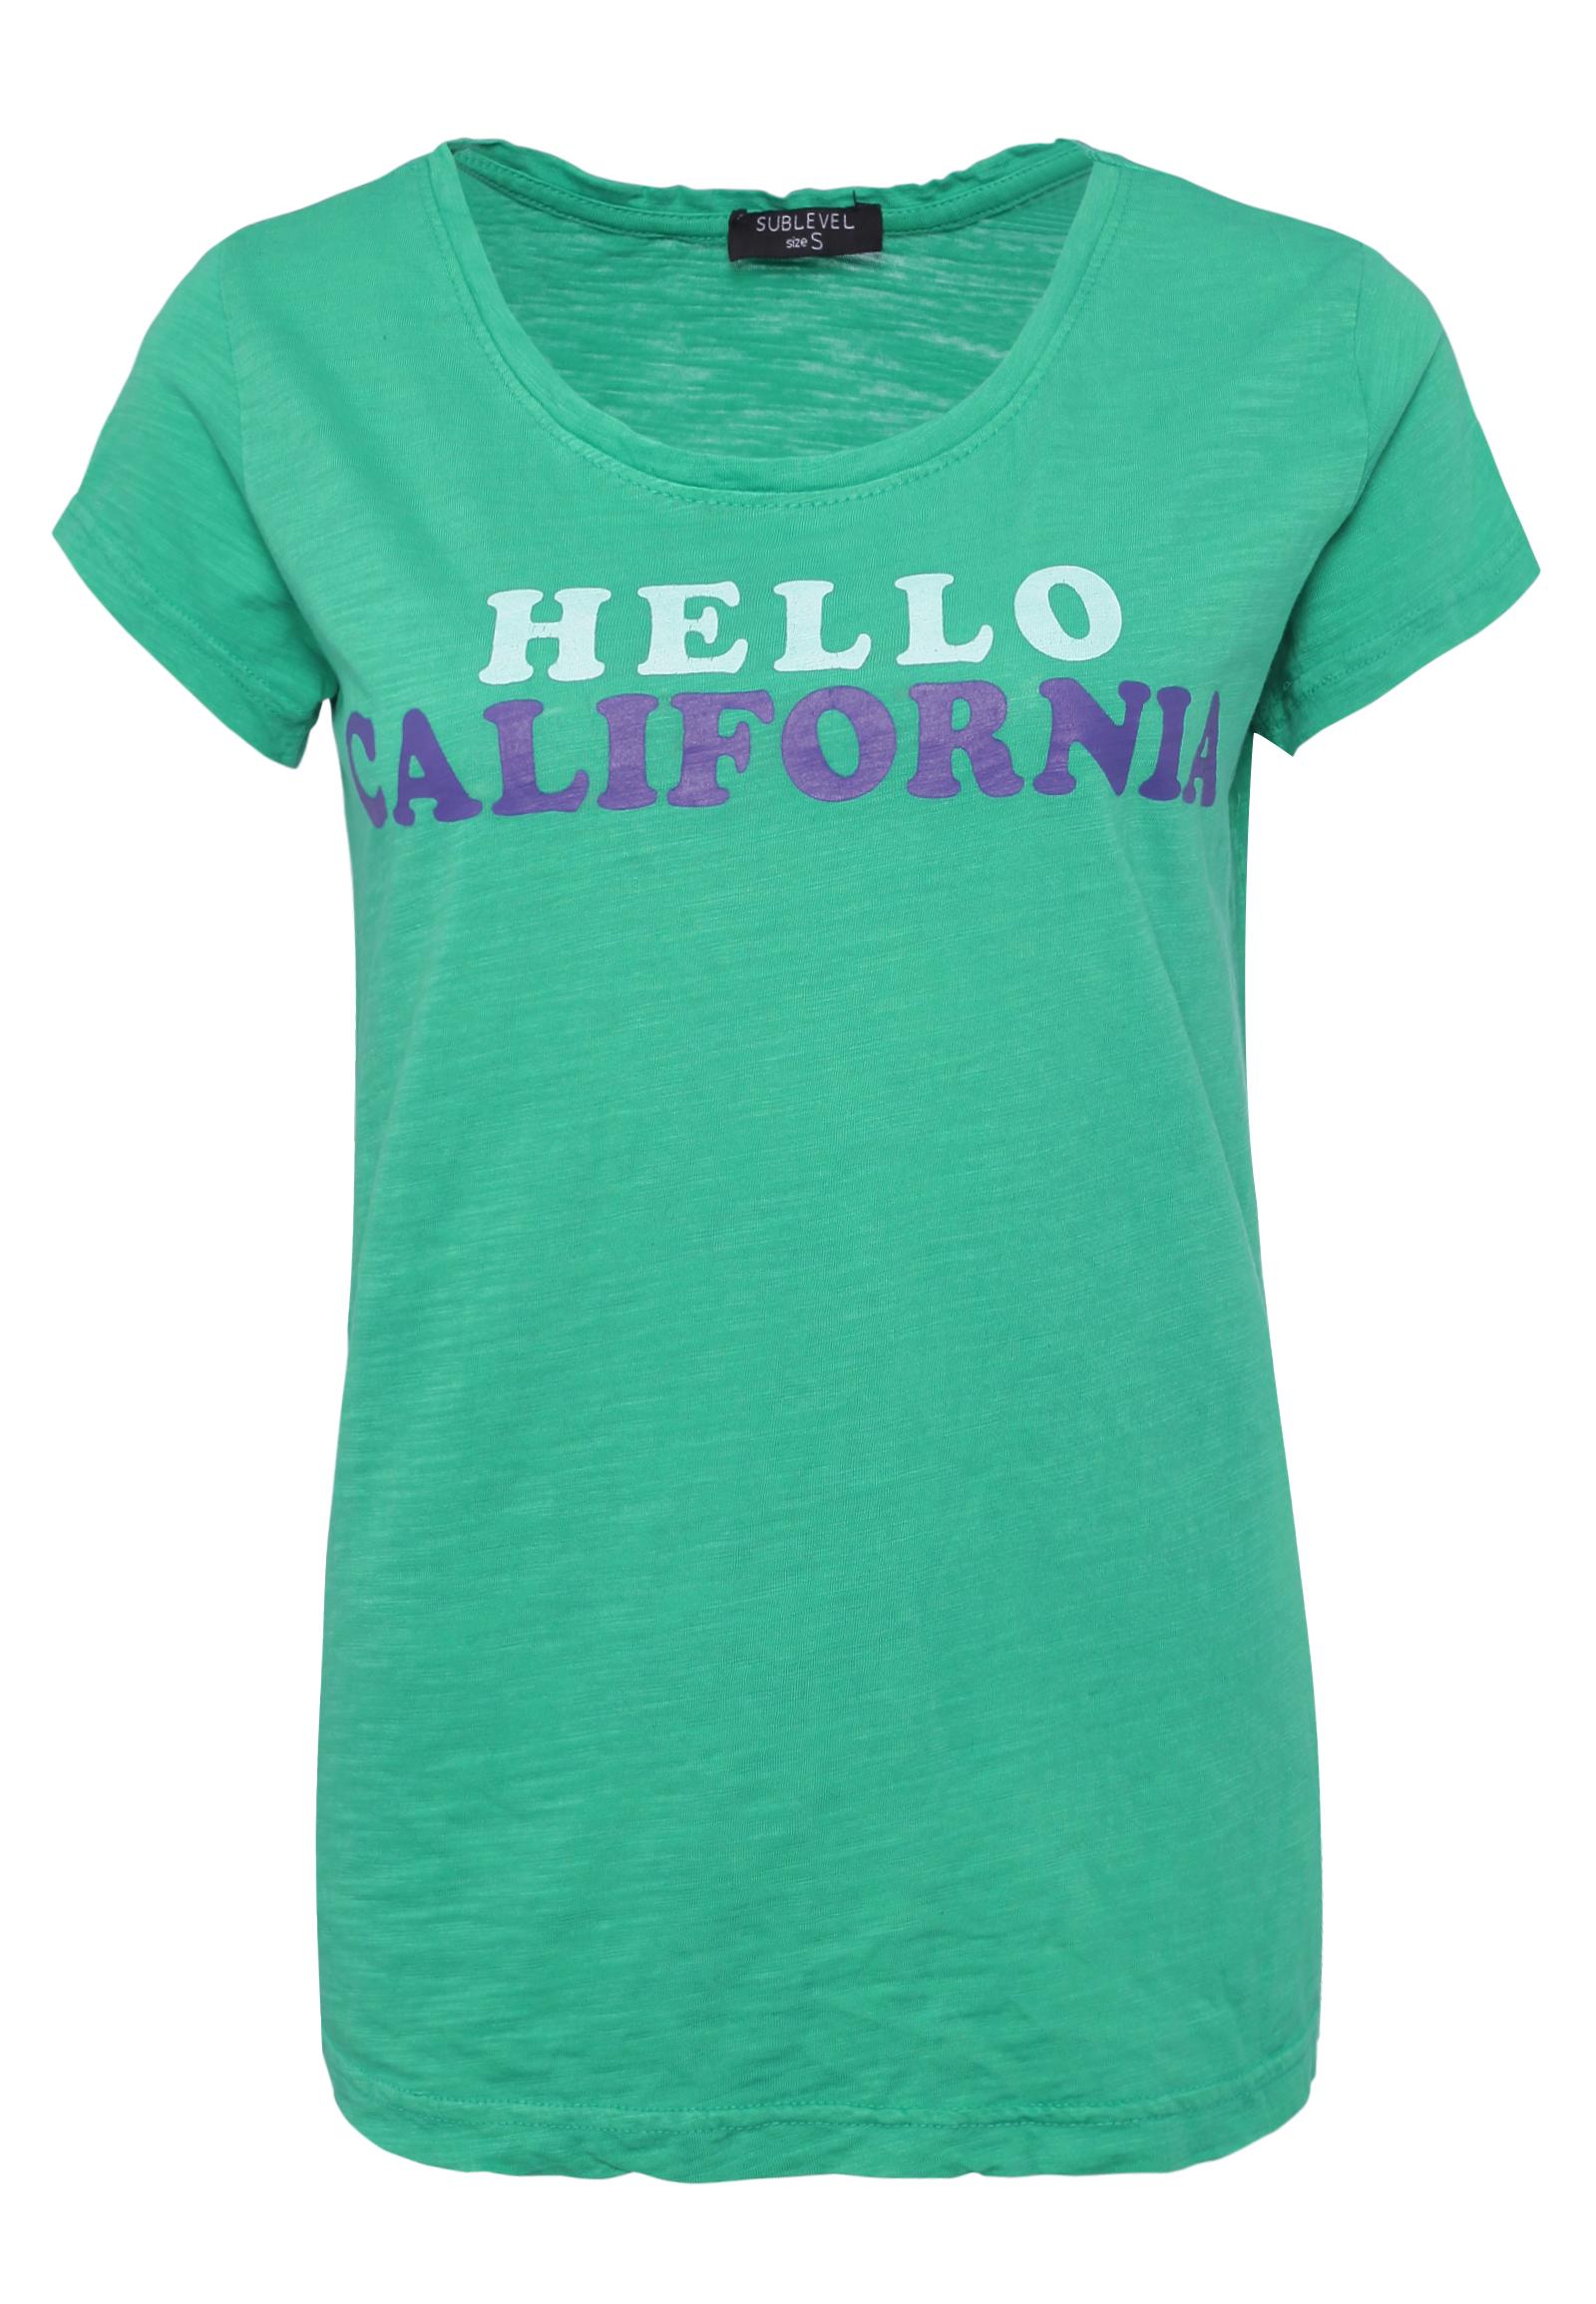 MoonWorks Damen T-Shirt Girl Boss Statement Spruch Quote Message Hashtag Farbiger Kragen Ausschnitt Retro-Look